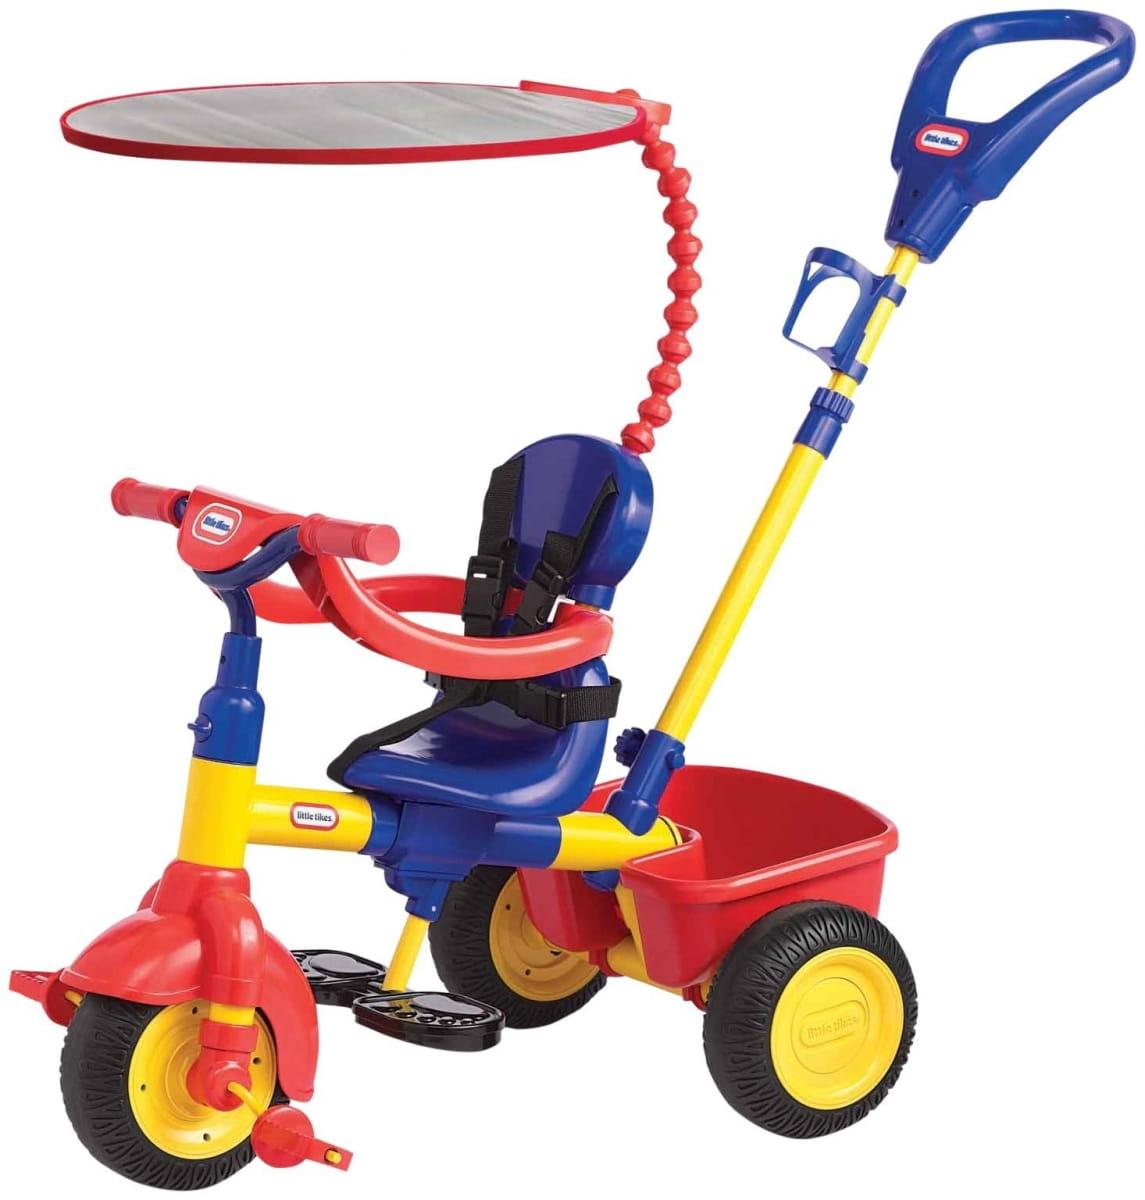 Детский трехколесный велосипед Little Tikes 3 в 1 красно-синий